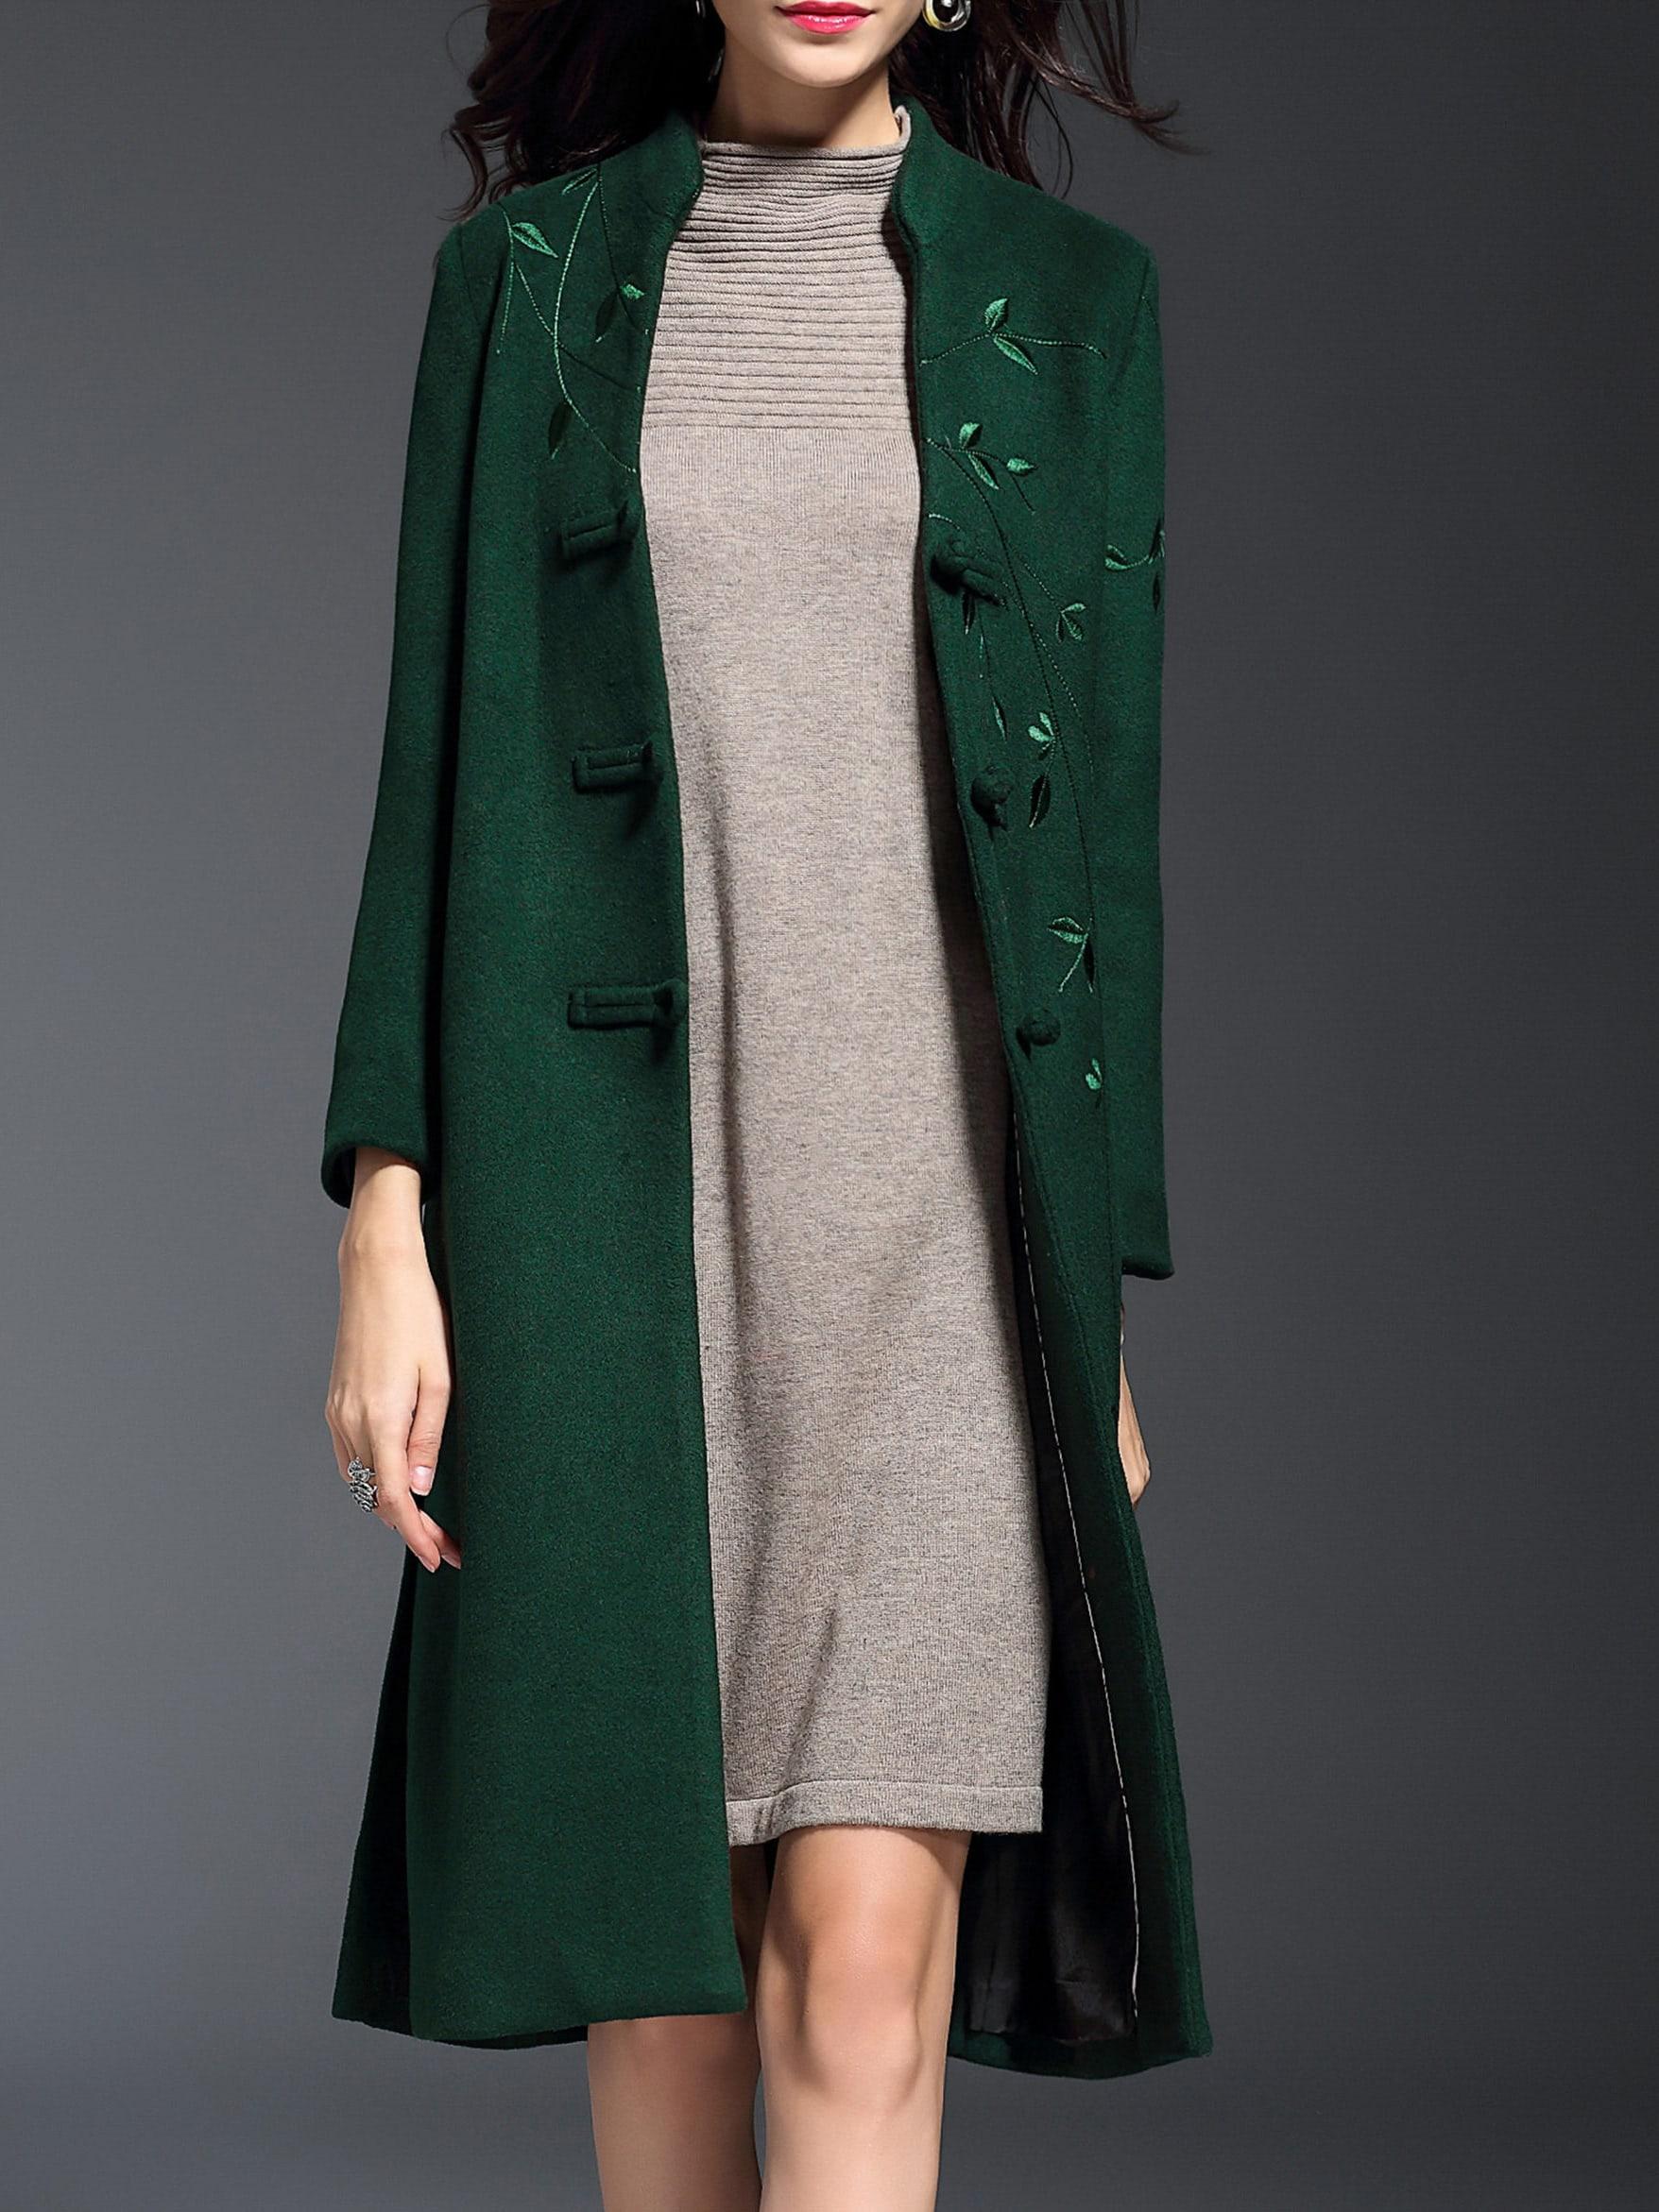 Фото Green V Neck Embroidered Pockets Split Coat. Купить с доставкой